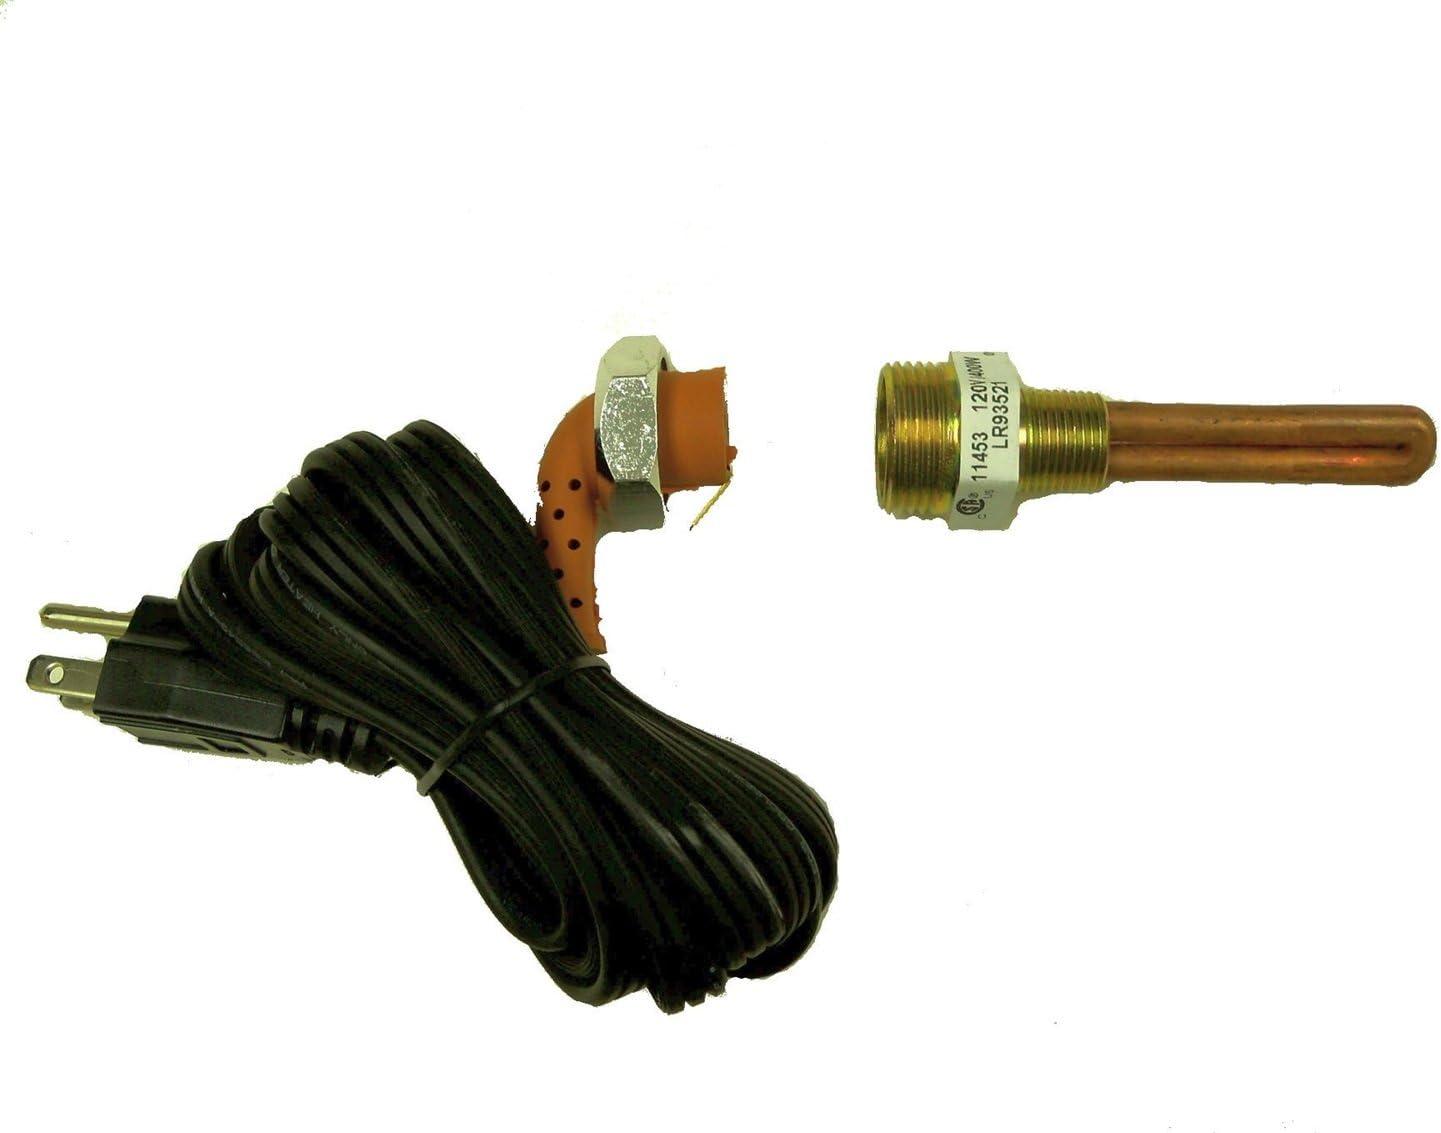 Kats 11423 400 Watt 1//2 NPT Frost Plug Heater